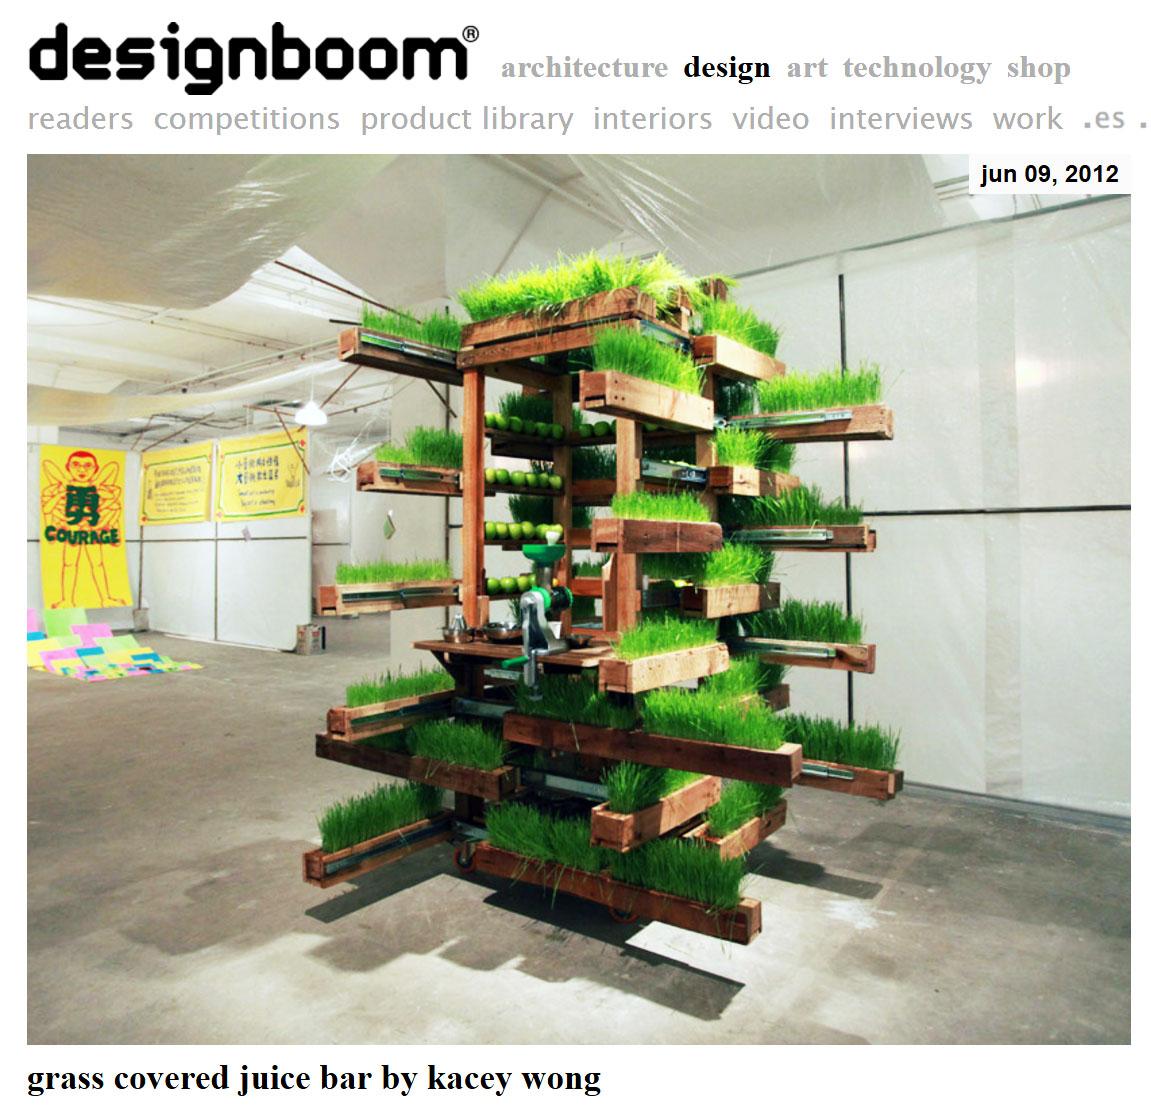 June/9/2012 designboom  Grass covered juice bar by kacey wong